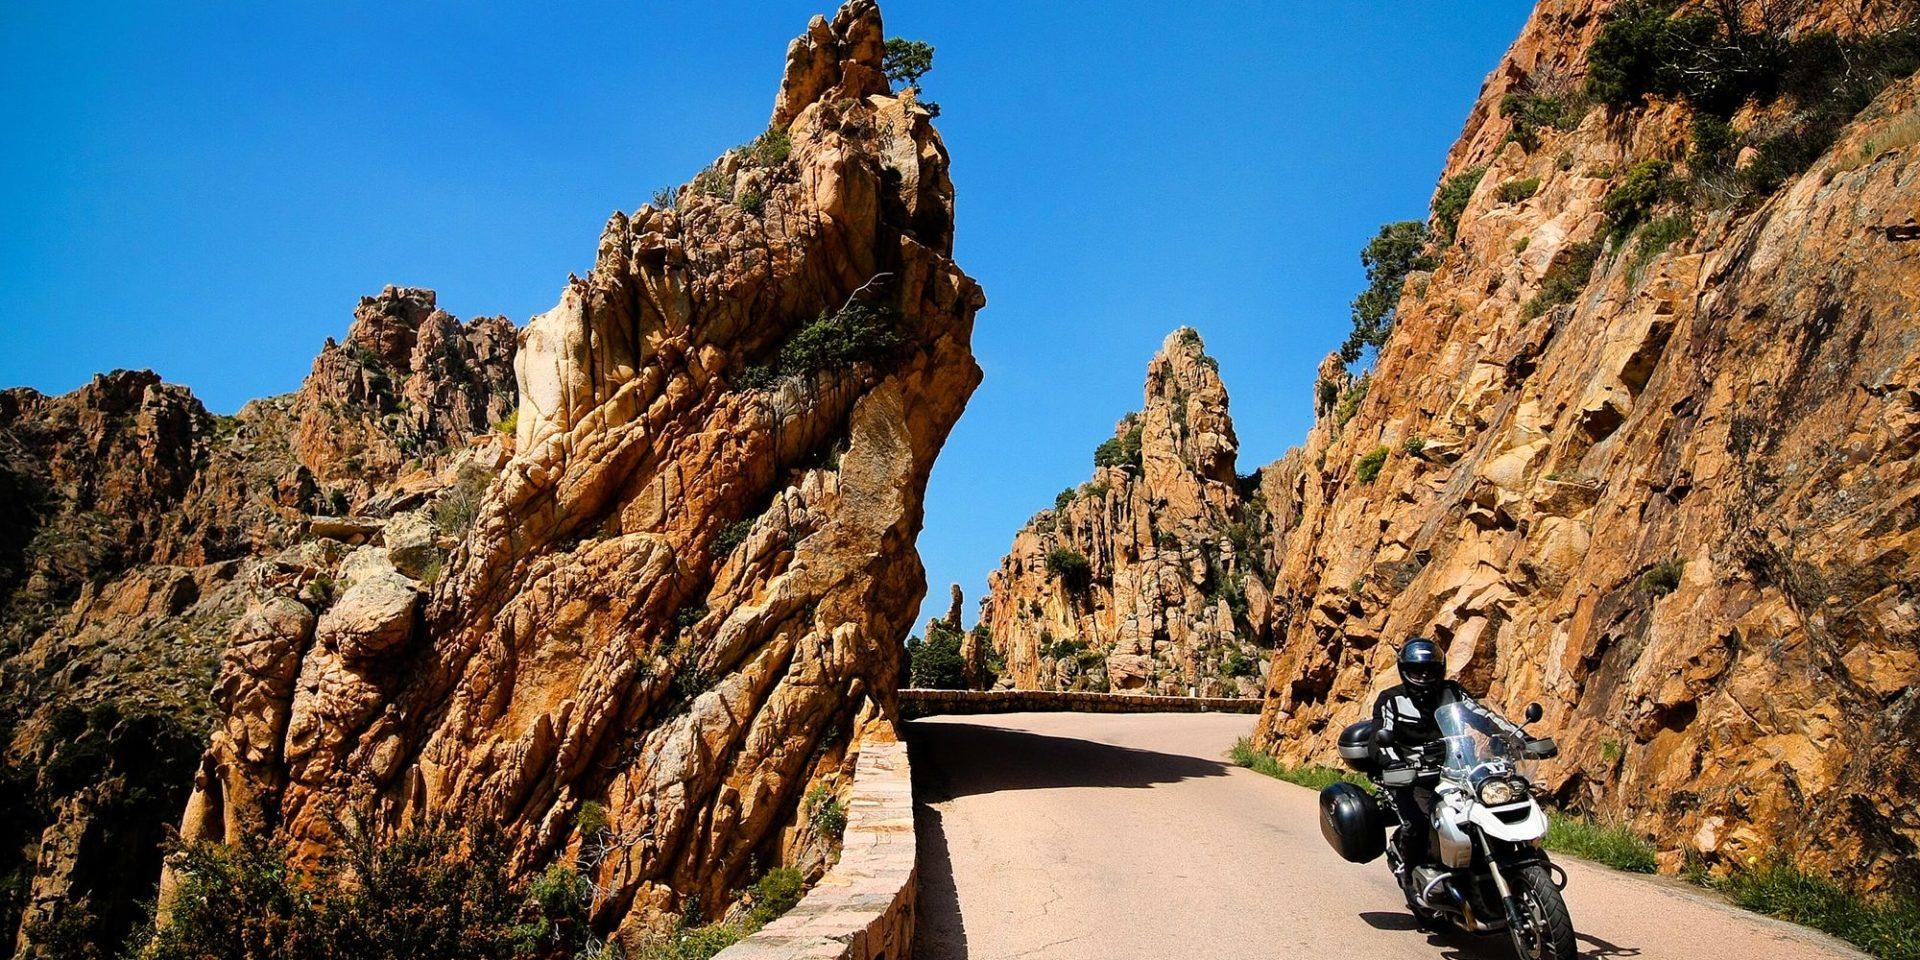 Calanques de Piana Corsica Frankrijk road trip motor rondreis motorrijder roadtrip